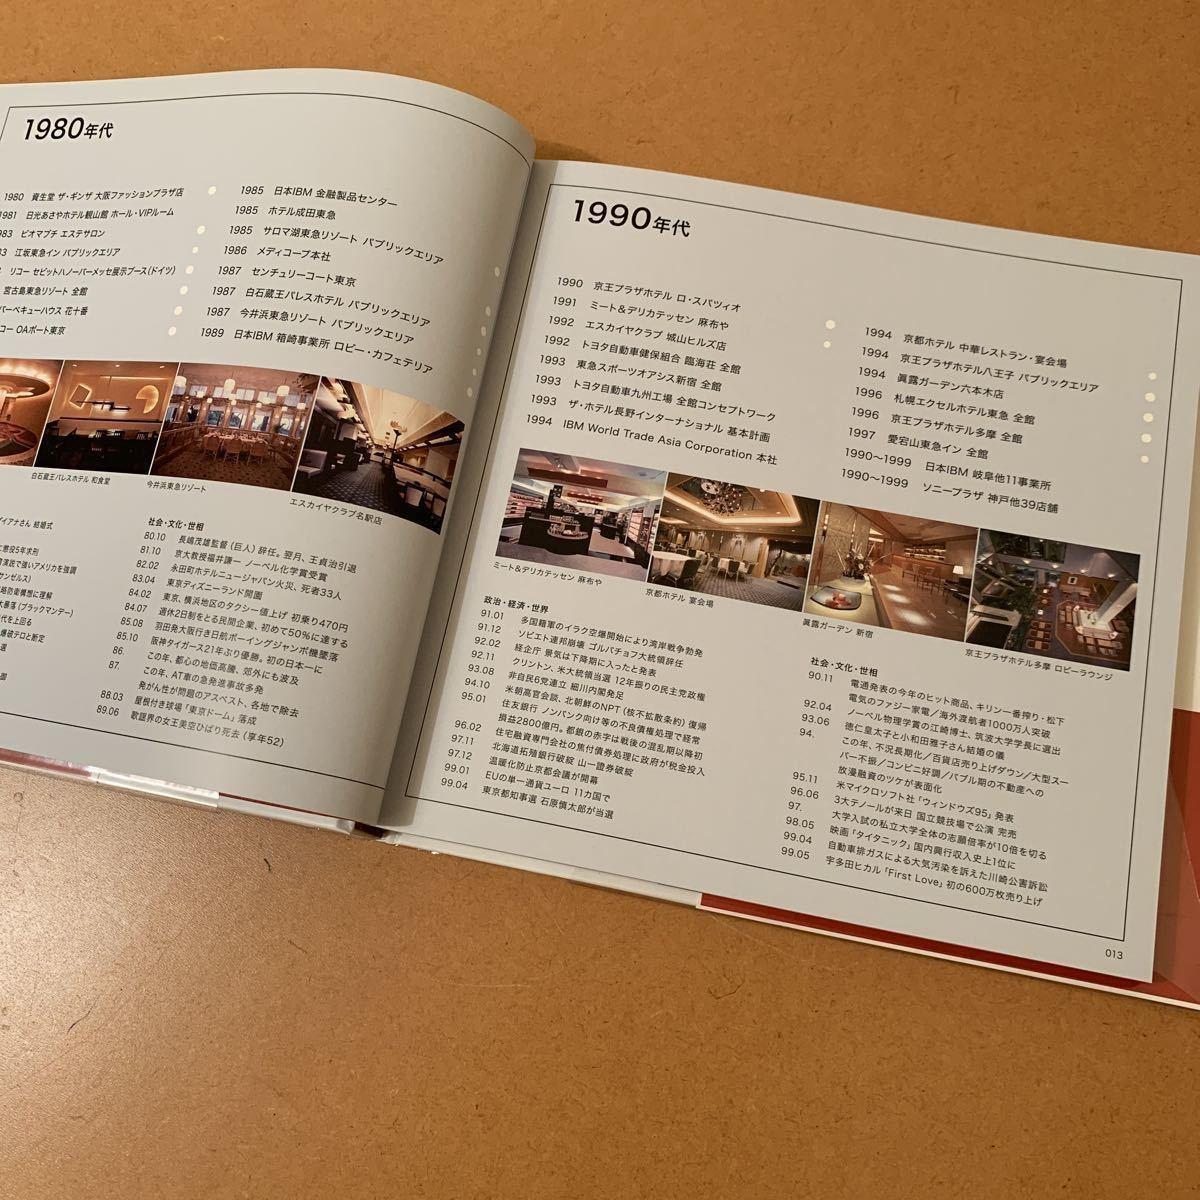 【送料無料】インテリア/建築本「北原進のモダニズム/インテリア・デザイン1960~2000年代 半世紀の軌跡」2018年10月第1刷発行_画像7